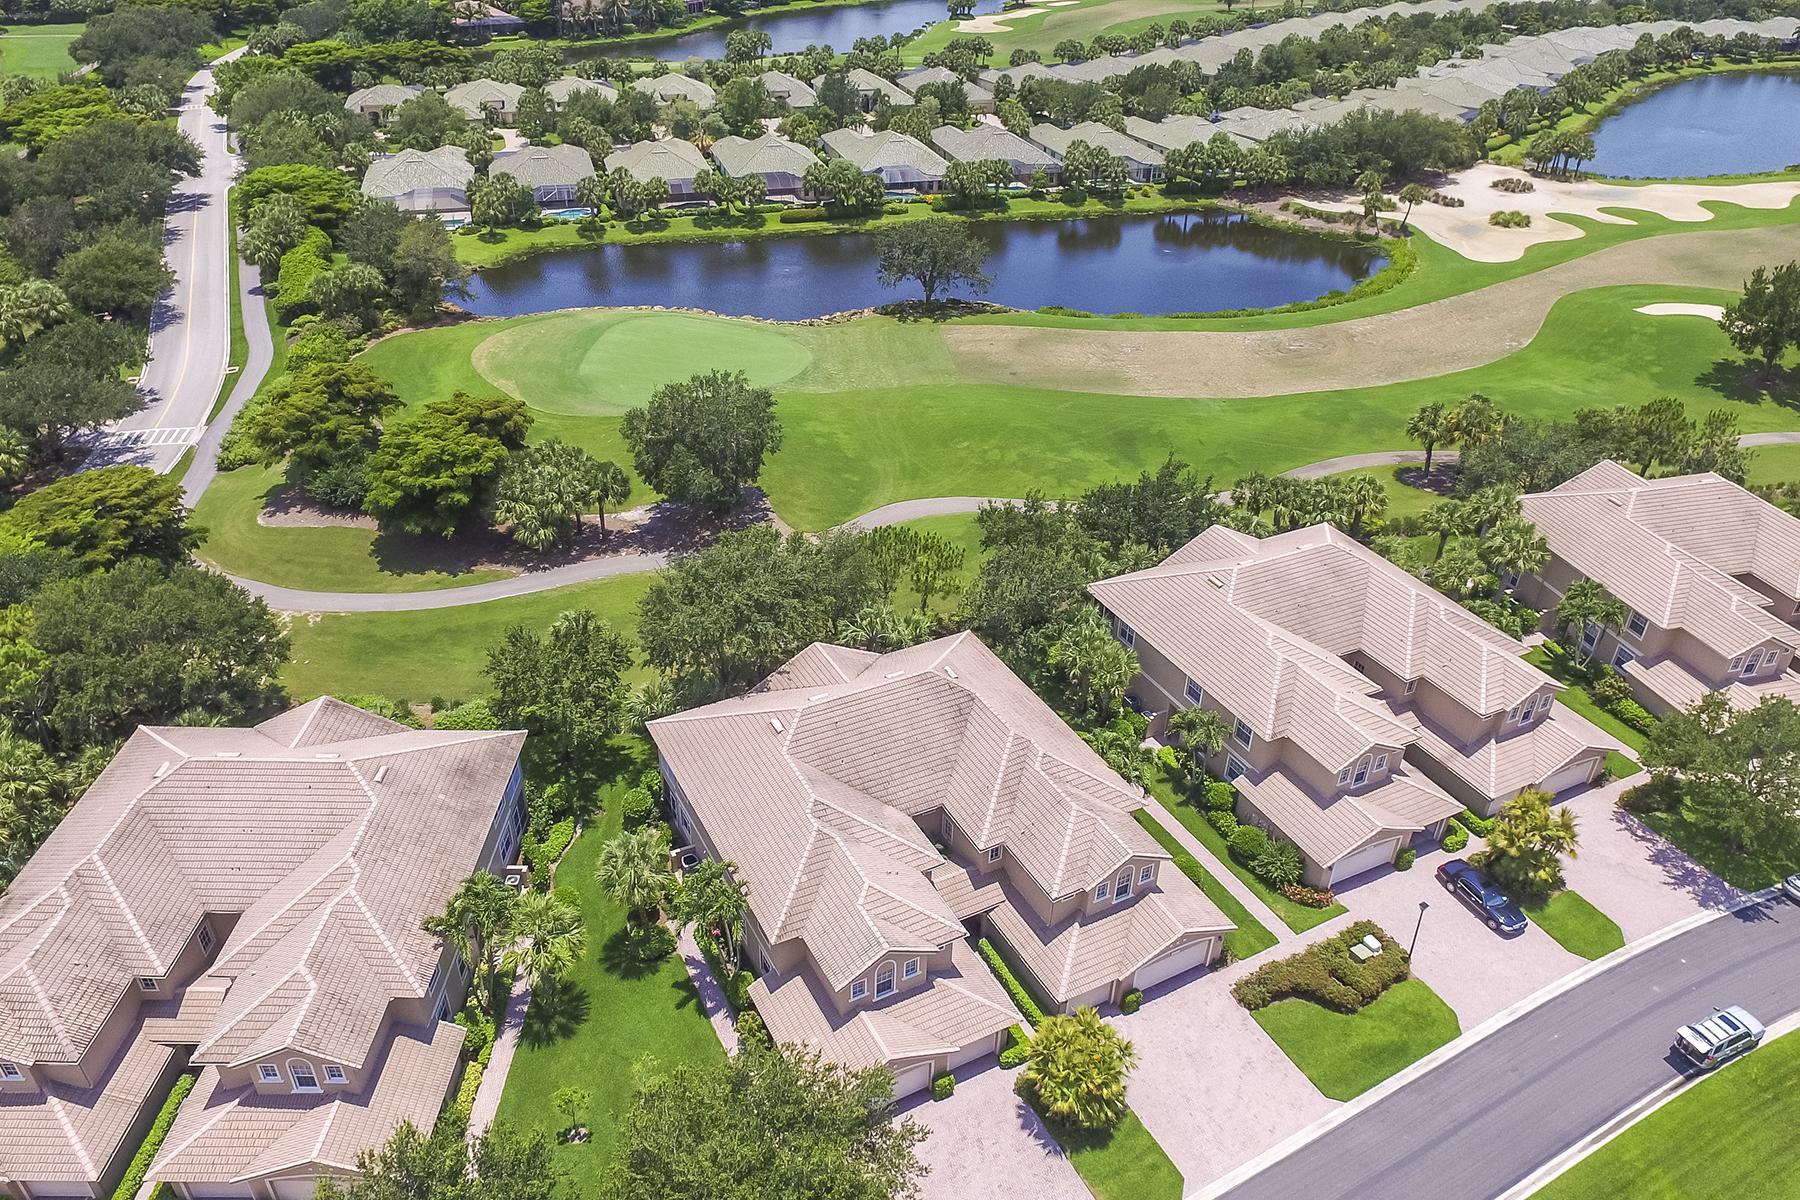 Nhà chung cư vì Bán tại THE BROOKS - PALMETT RIDGE AT SHADOW WOOD - THE B 9261 Palmetto Ridge Dr 202 Estero, Florida, 34135 Hoa Kỳ